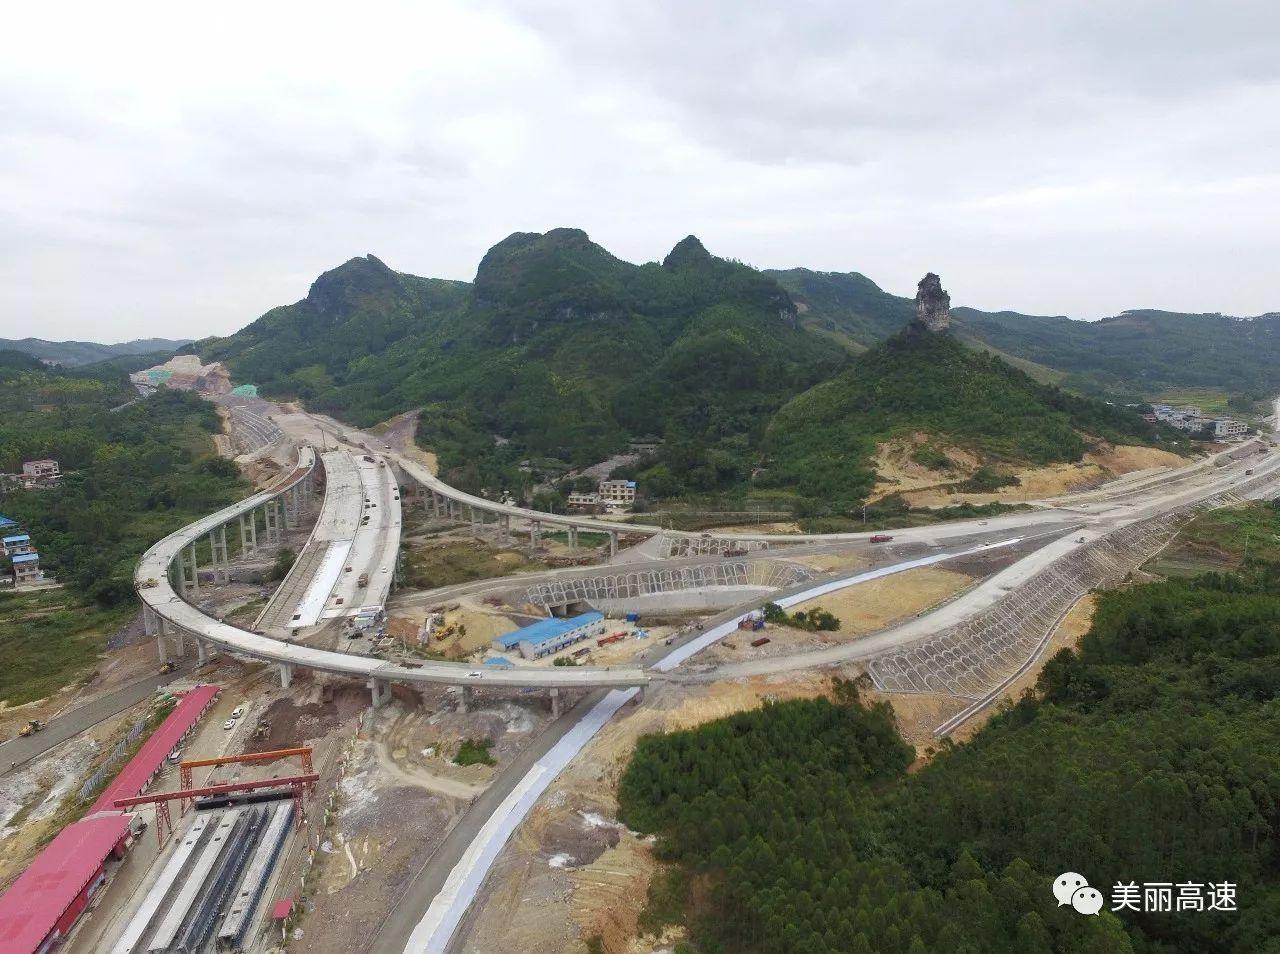 工程师王耘项目v项目柳南改扩建古亭山路一行哪里淮南美食节在图片